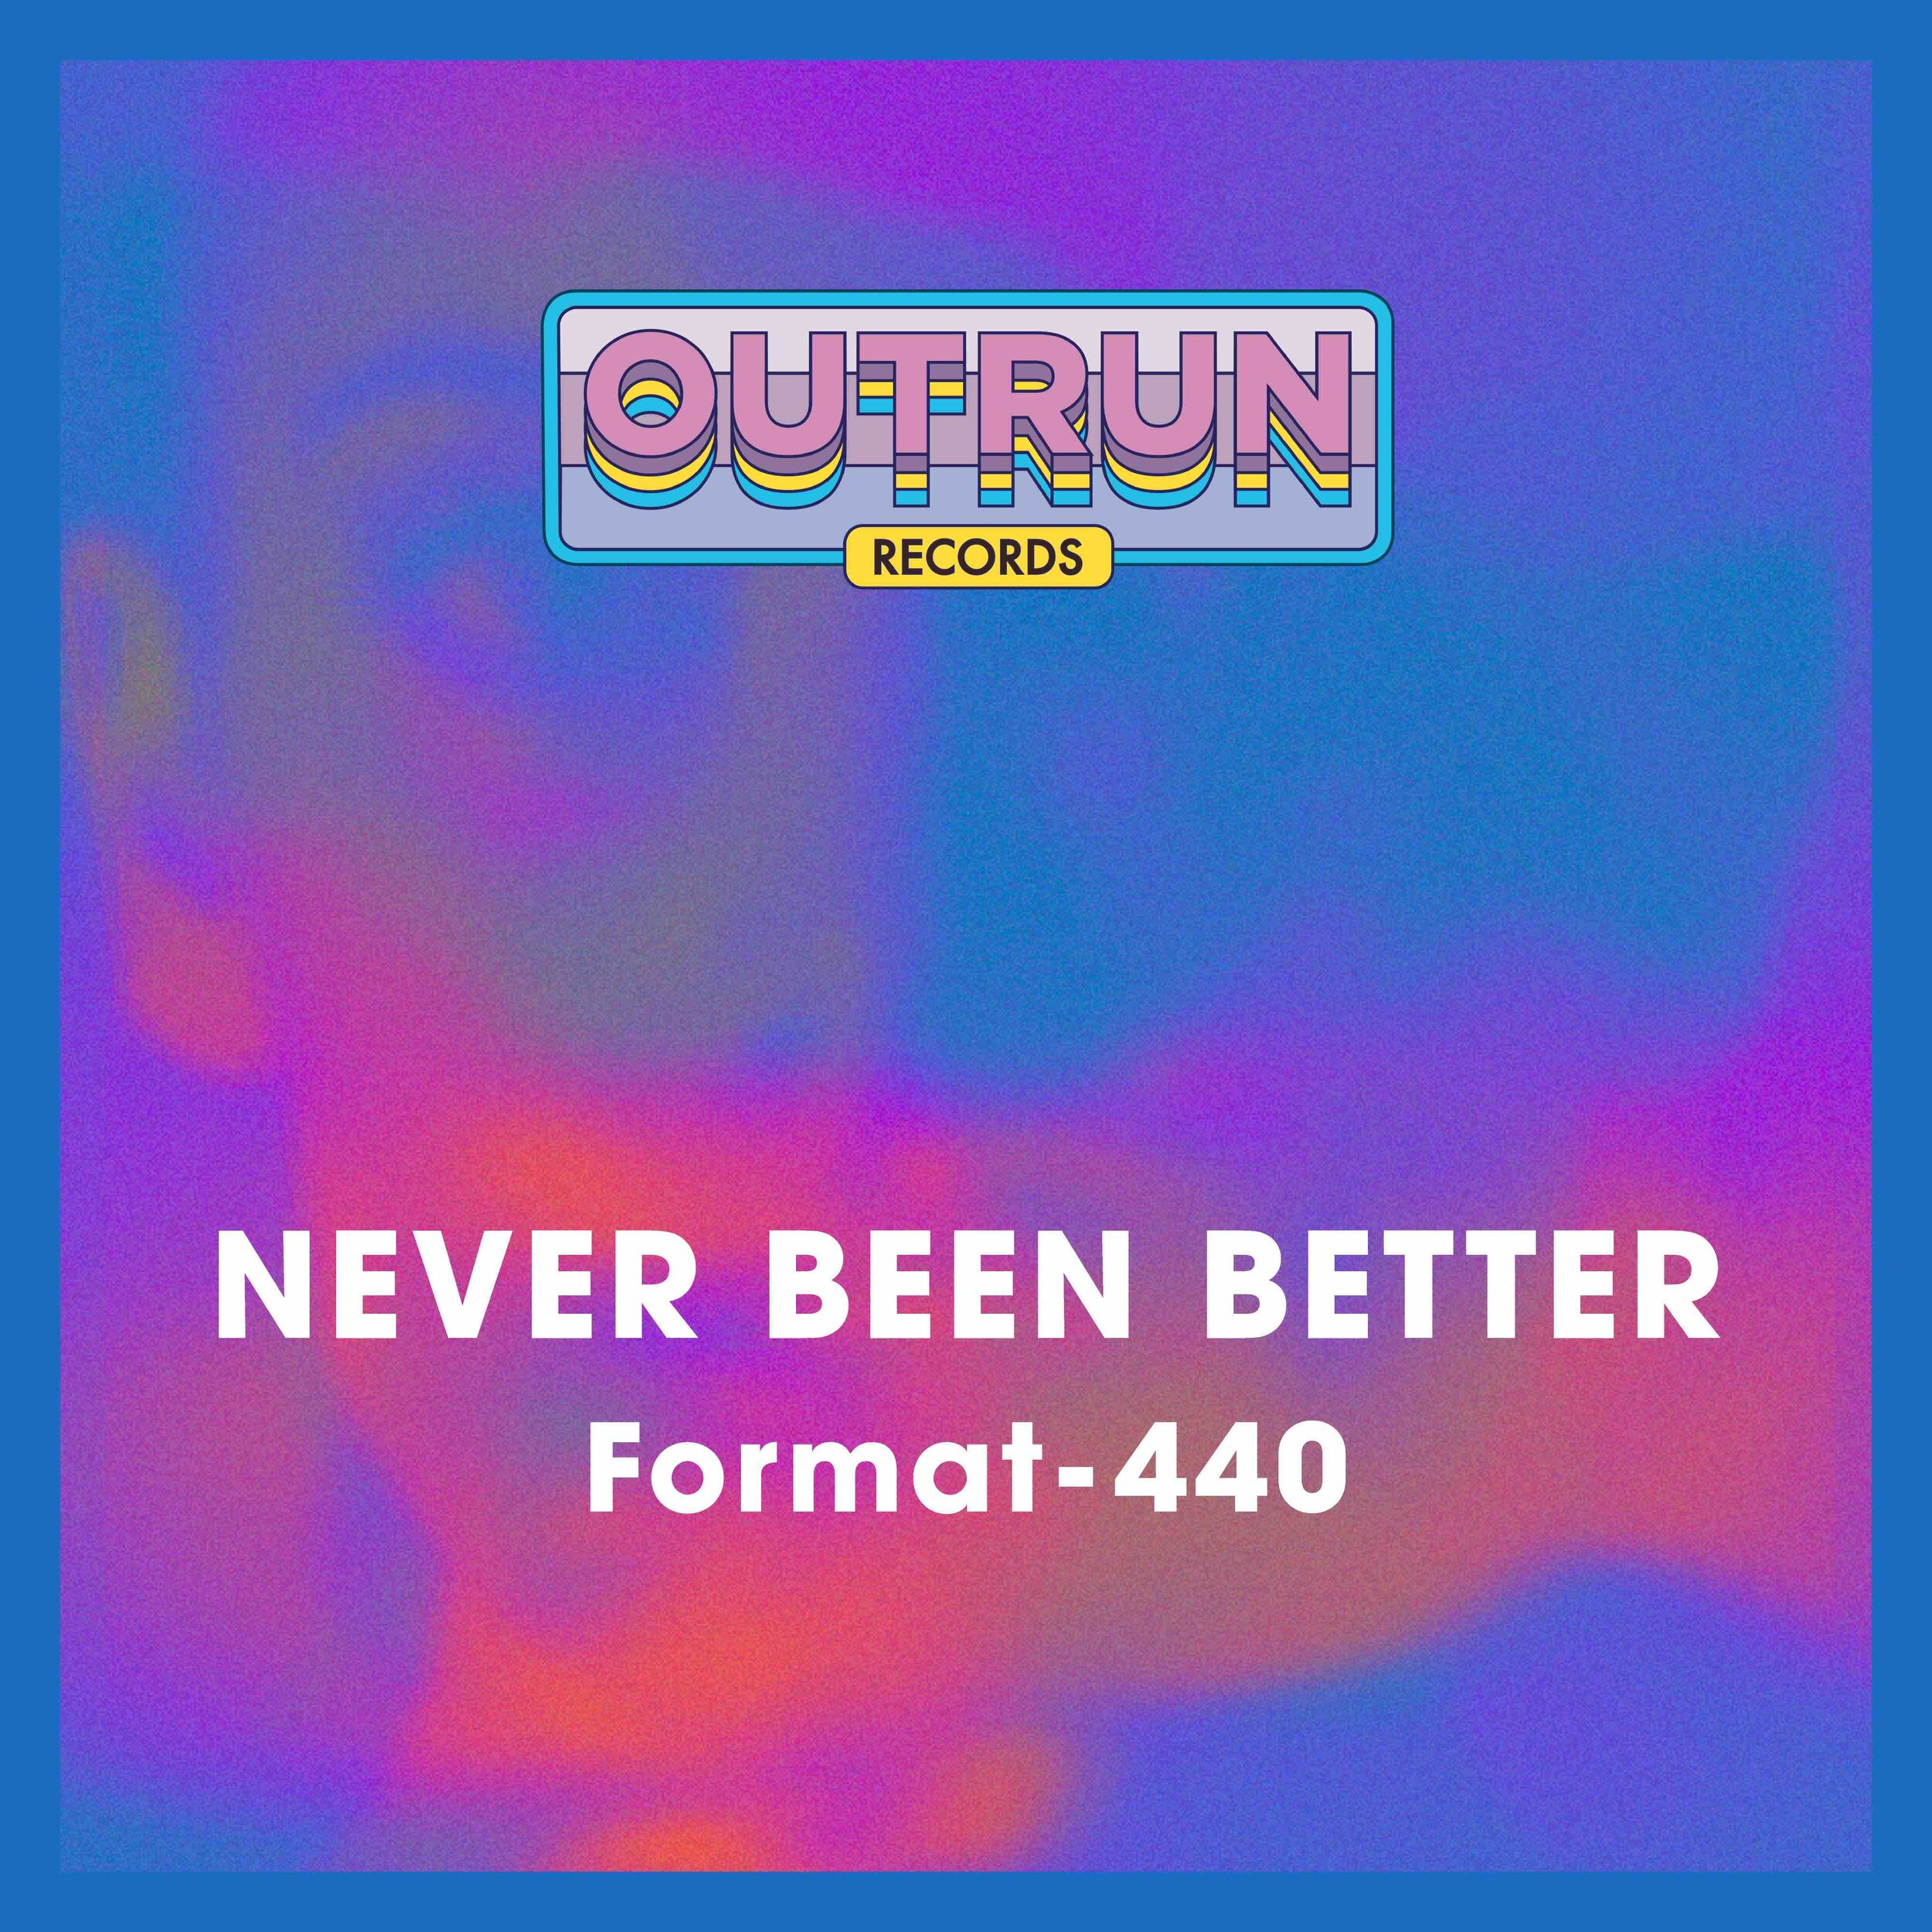 OUTRUN_Format-440_NeverBeenBetter.jpg